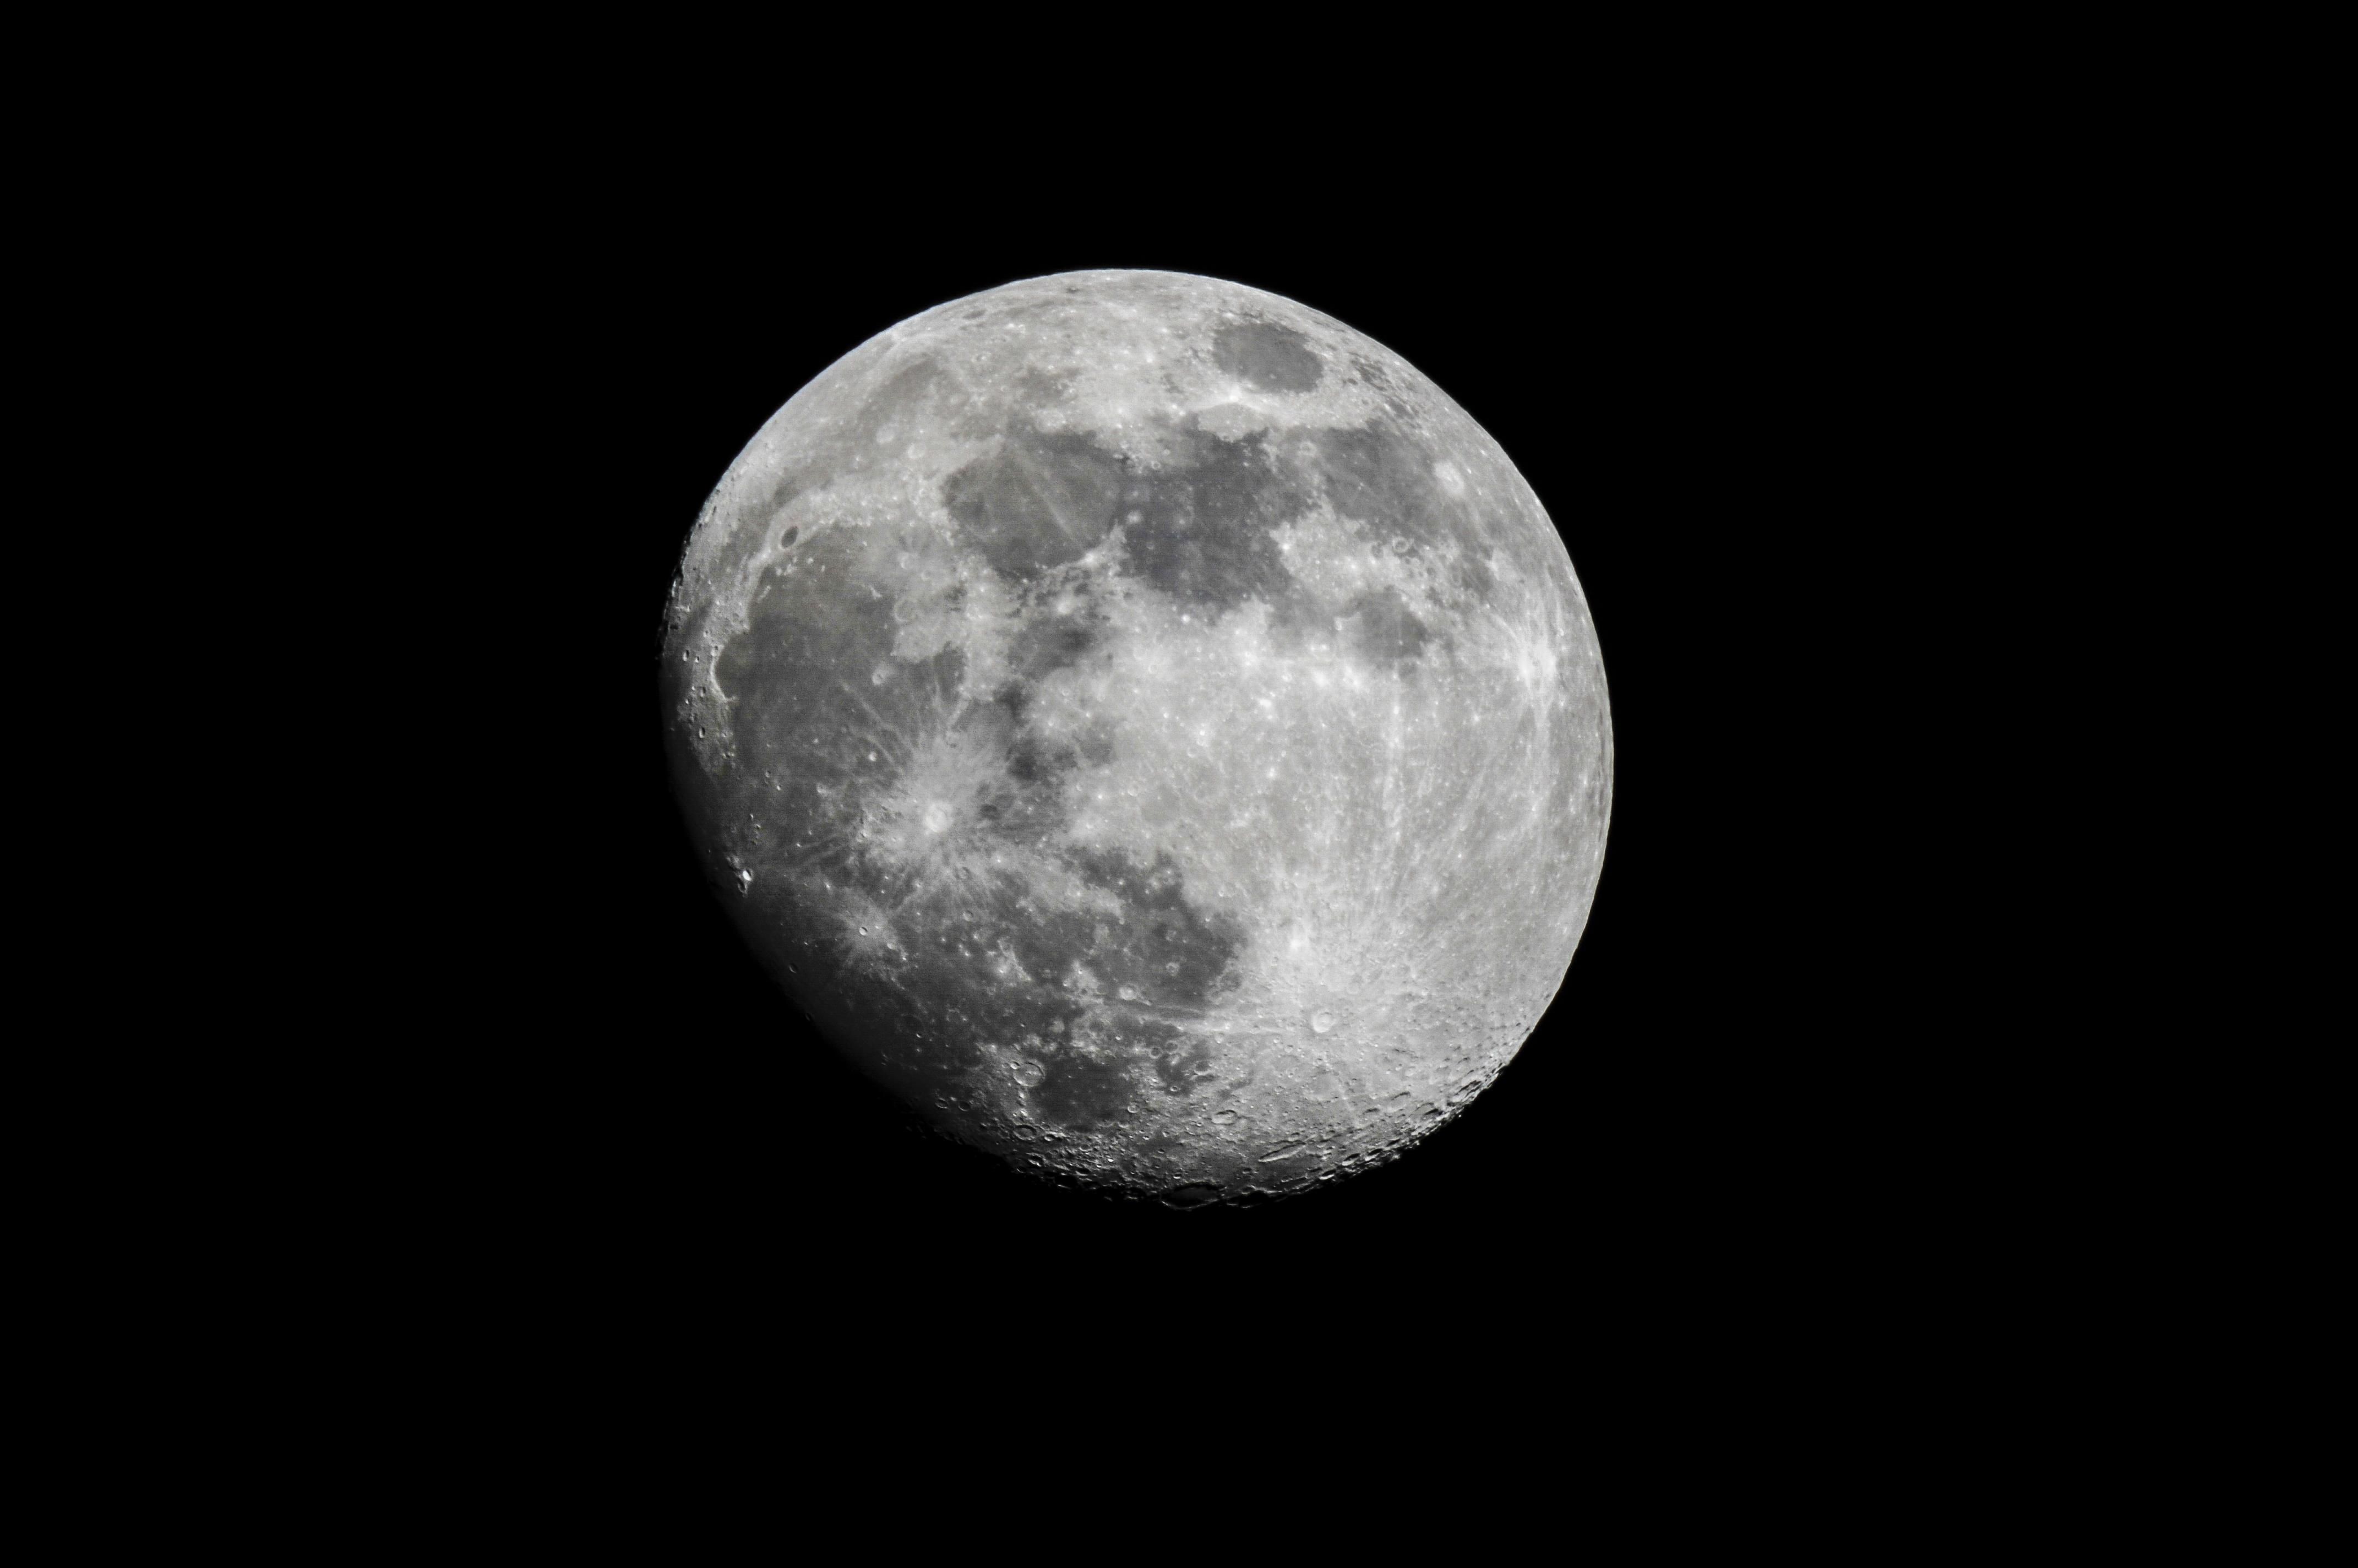 full moon photography tips - photo #18